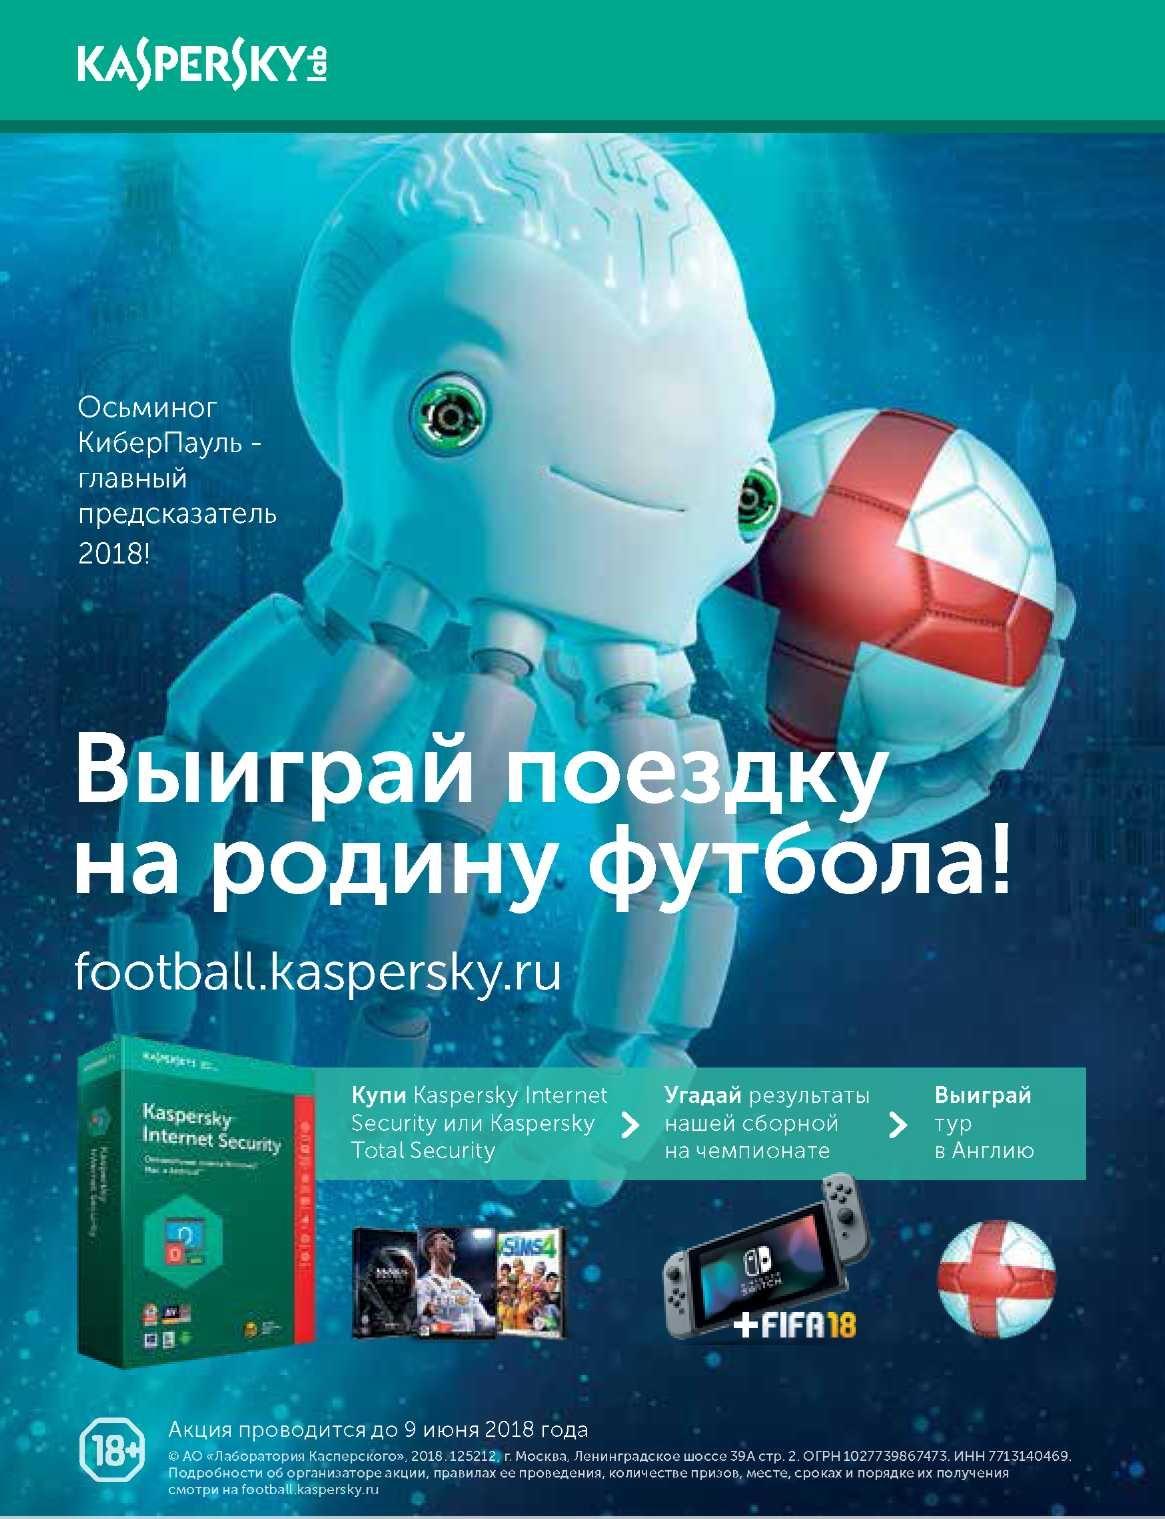 Купить Kaspersky Internet Security на 2 устройства на 1 год RU